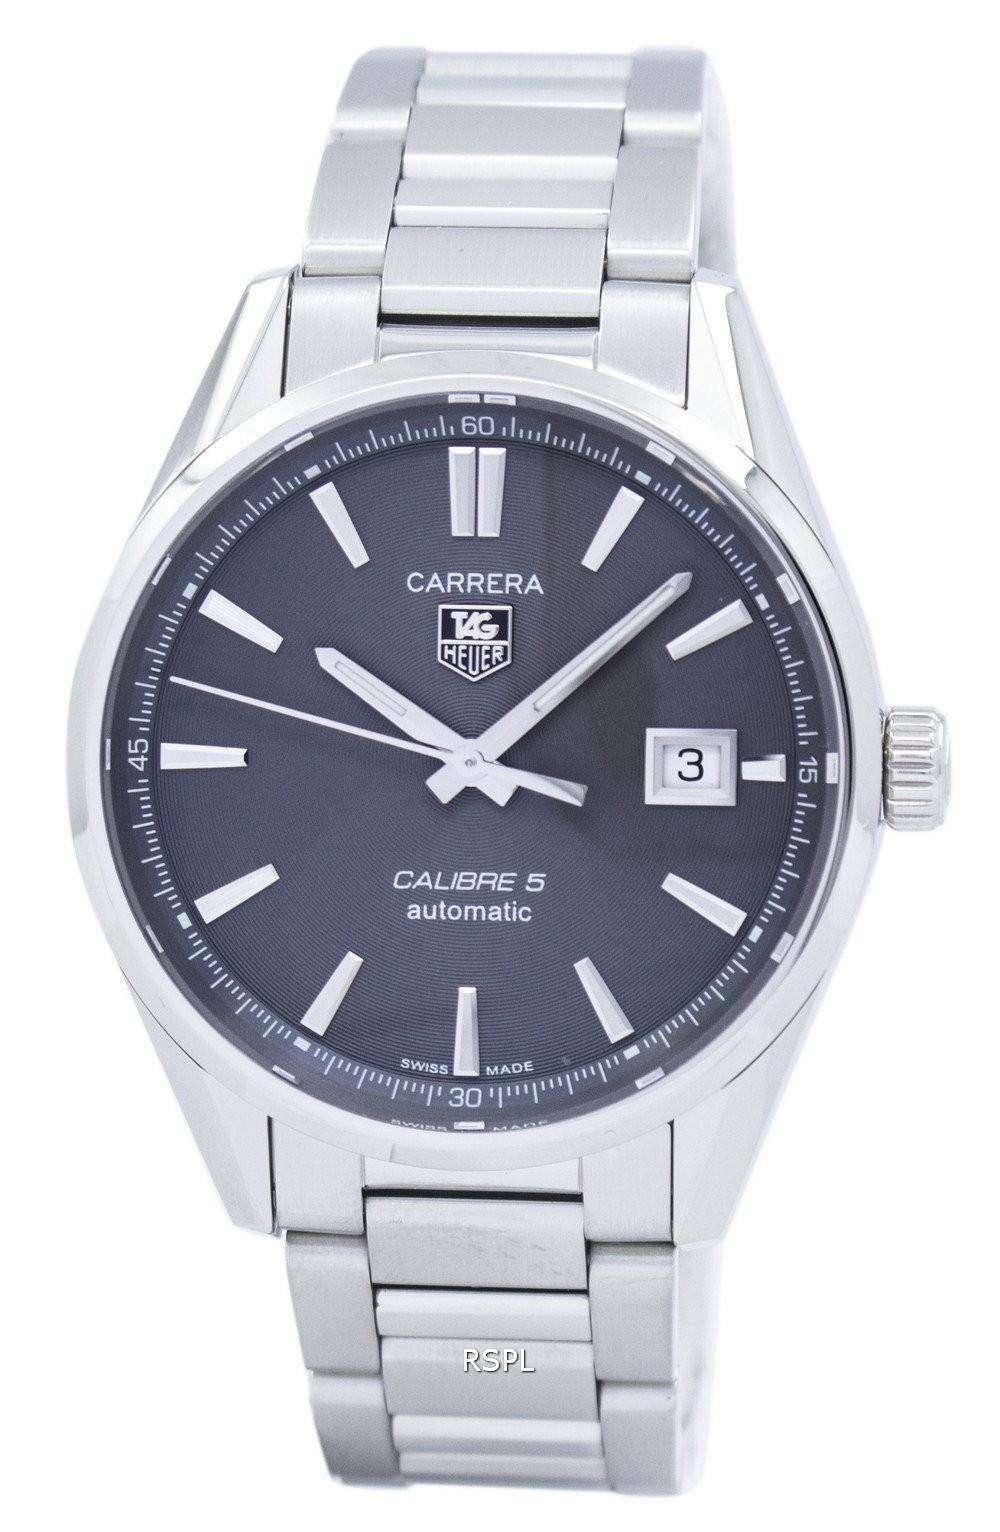 タグ ・ ホイヤー カレラ自動 WAR211C。BA0782 メンズ腕時計